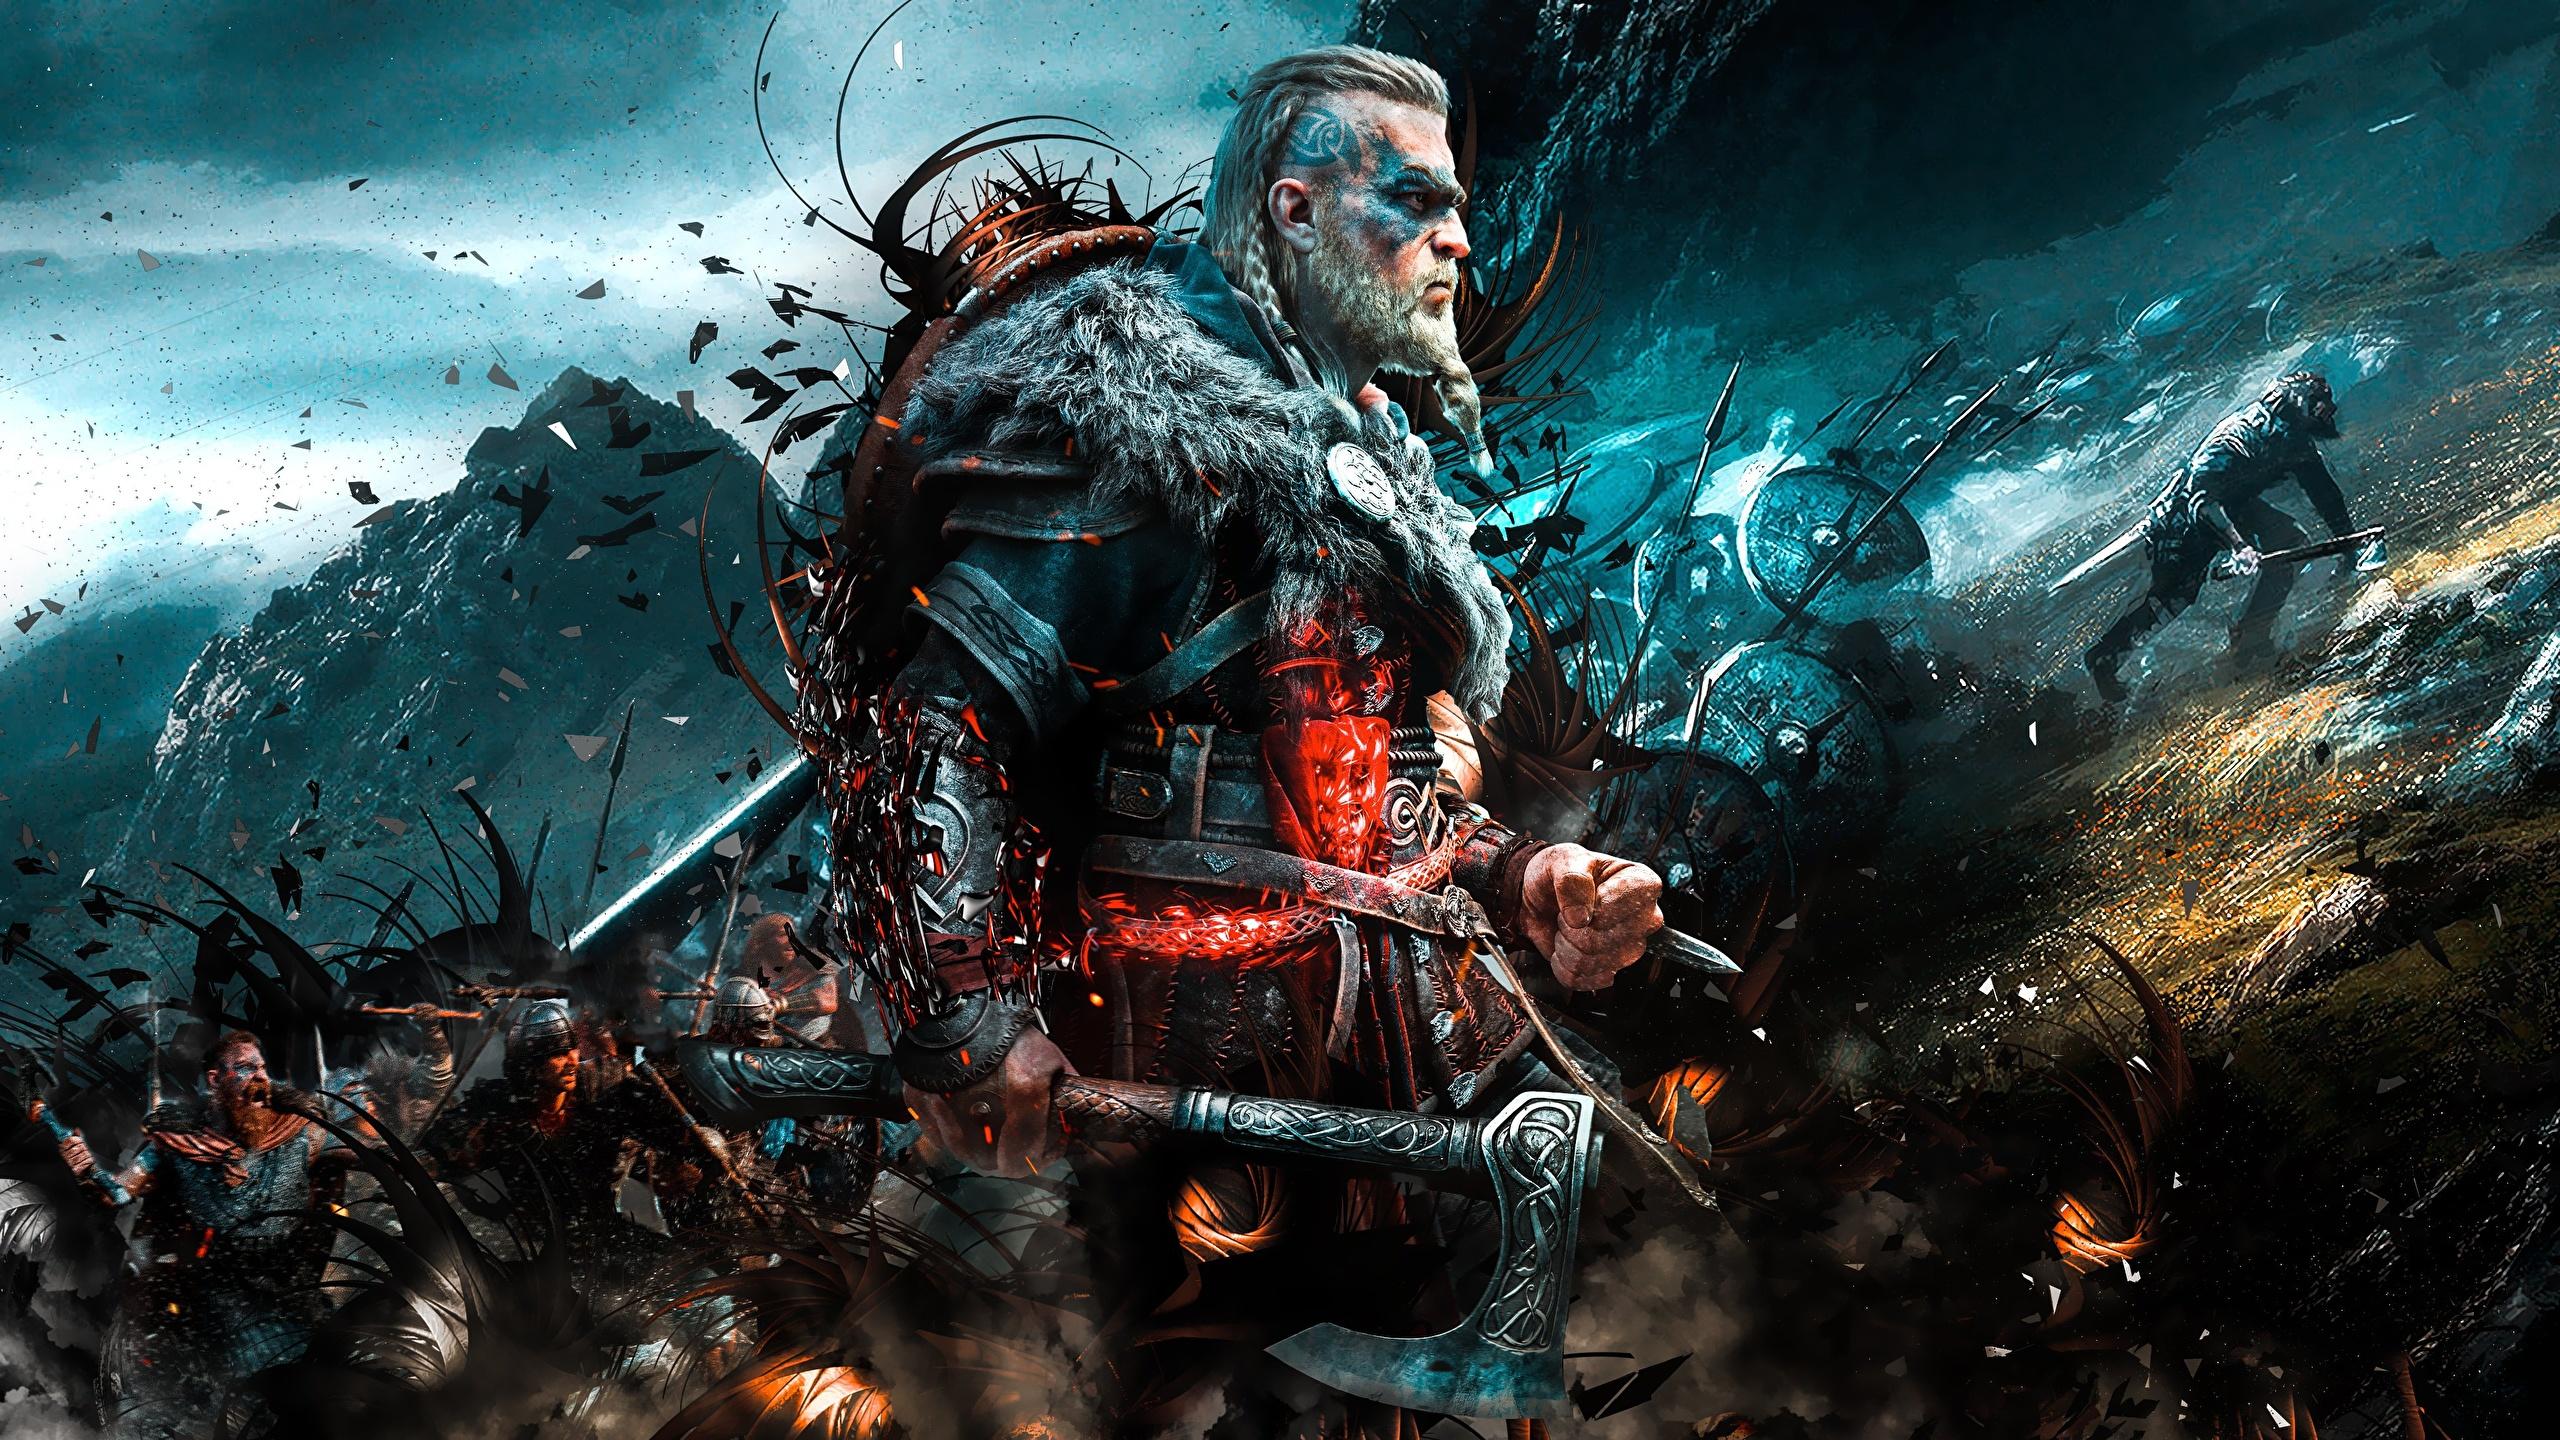 Desktop Wallpapers Assassins Creed viking Battle axes Men 2560x1440 2560x1440